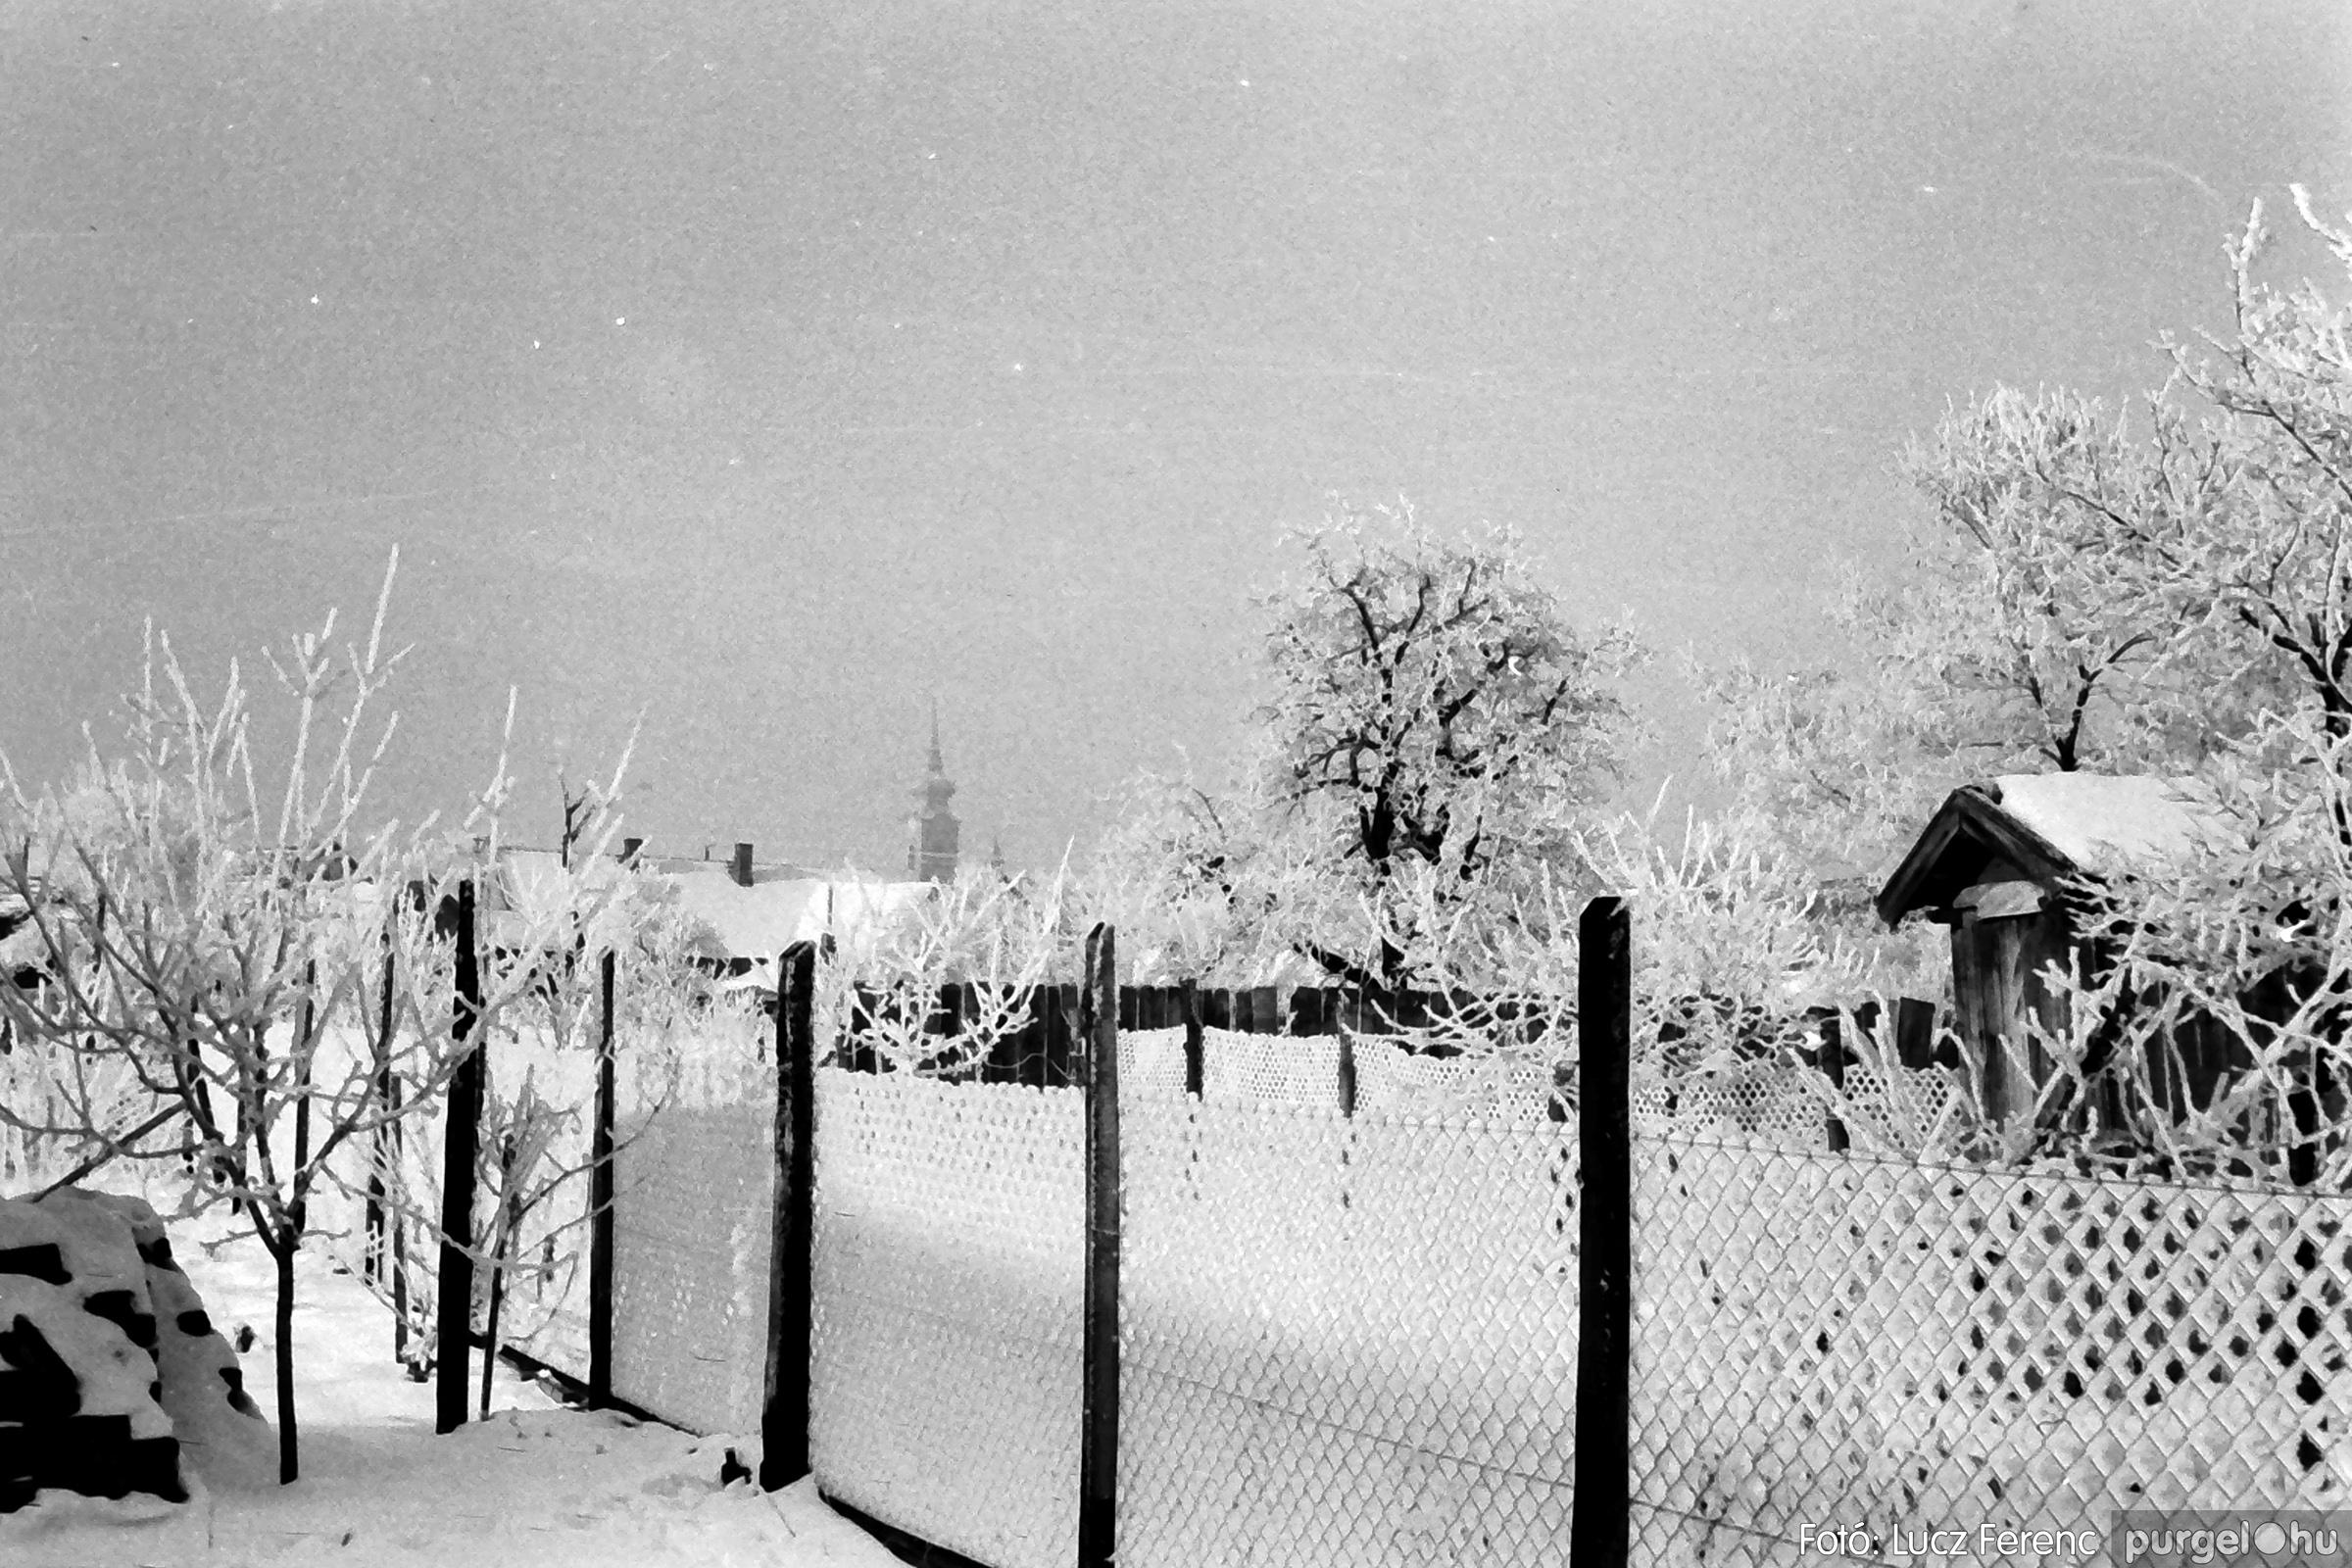 070. 1976.12.31. Szilveszter a kultúrházban 024. - Fotó: Lucz Ferenc.jpg